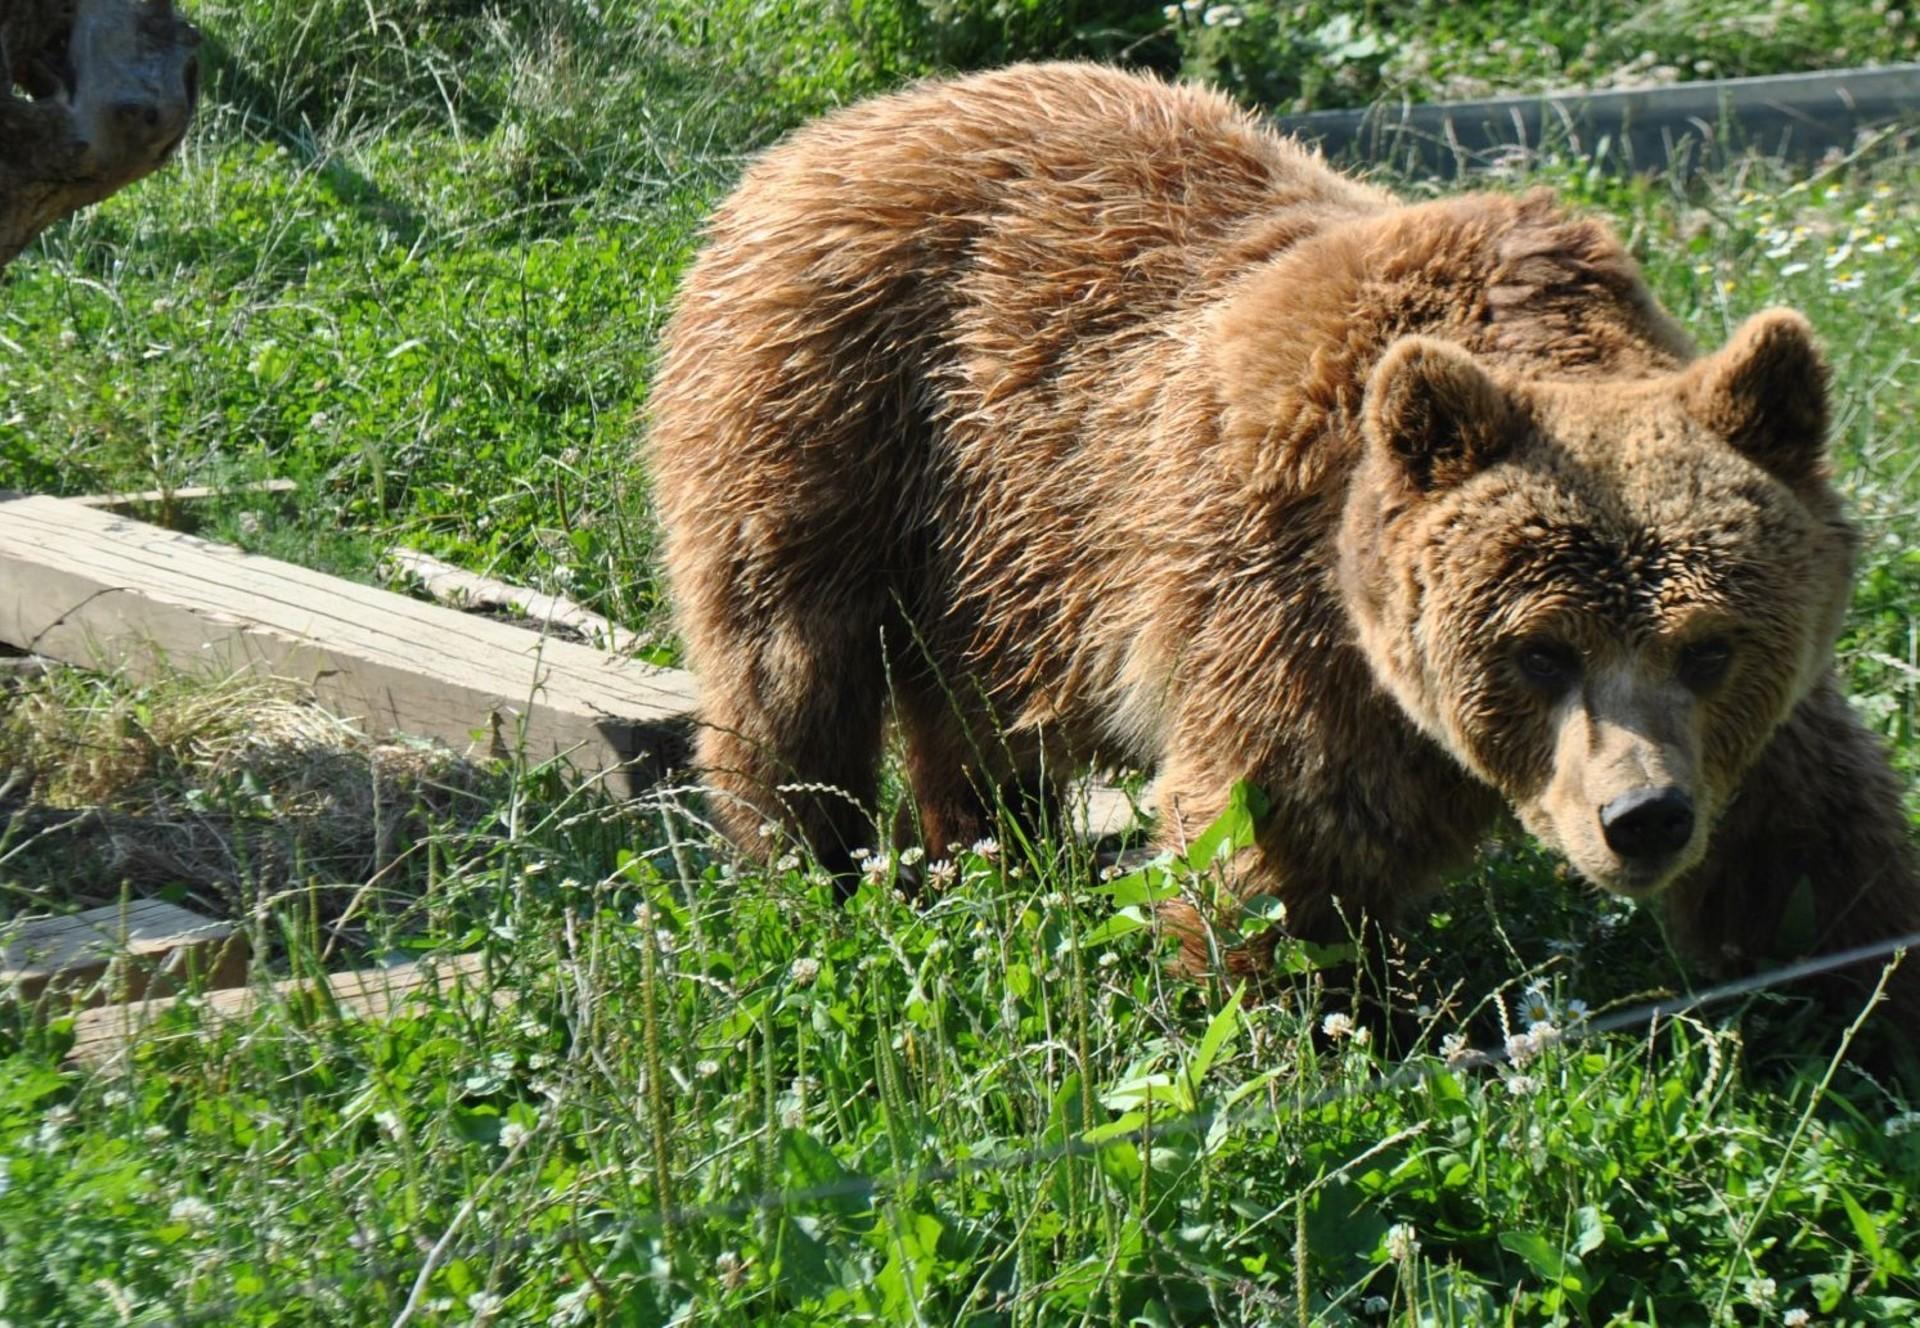 Brown Bear Nala in the grass